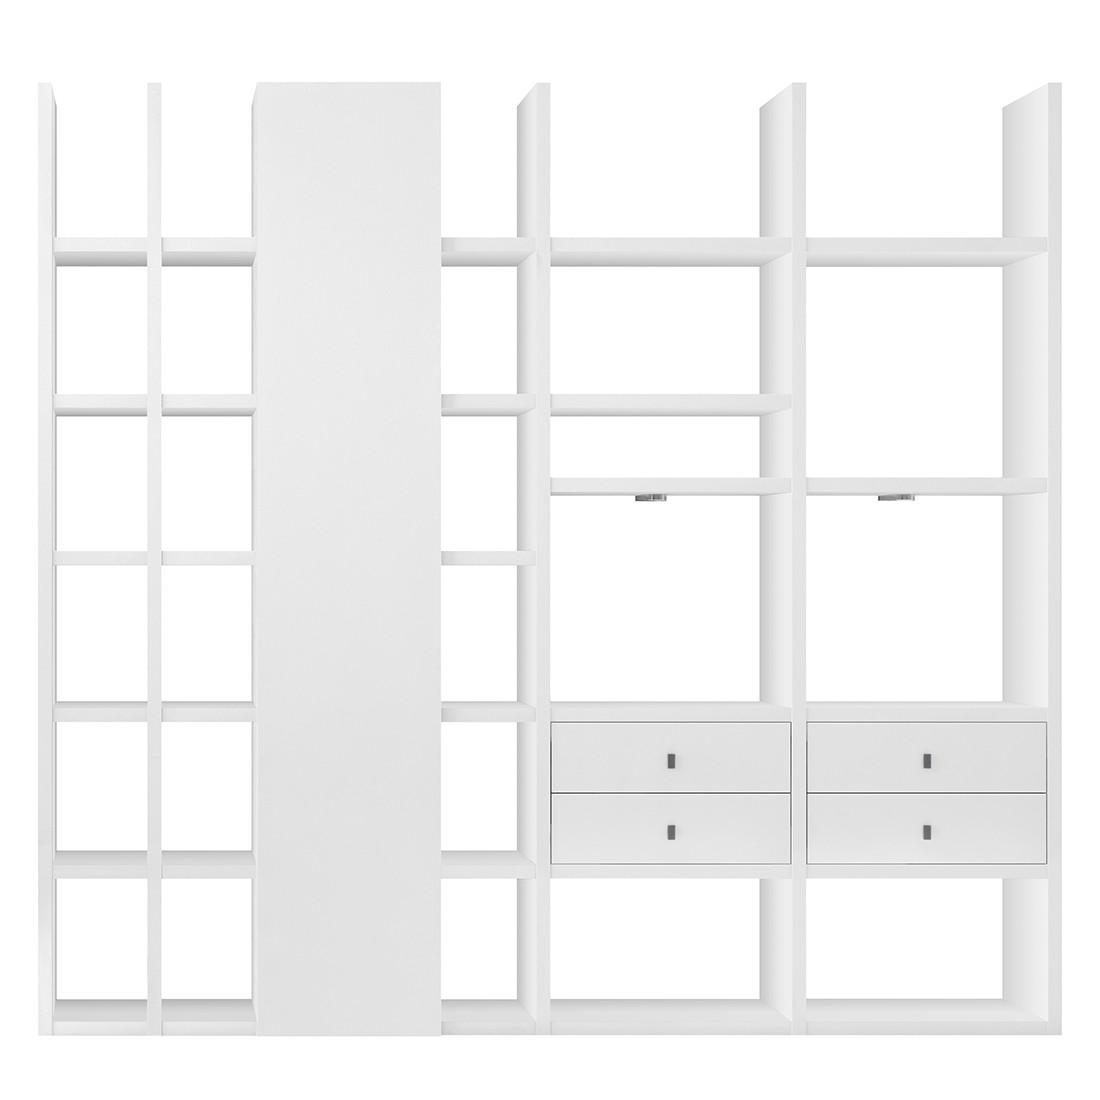 XL Regalwand Emporior VI – Hochglanz Weiß Mit Beleuchtung, loftscape jetzt bestellen